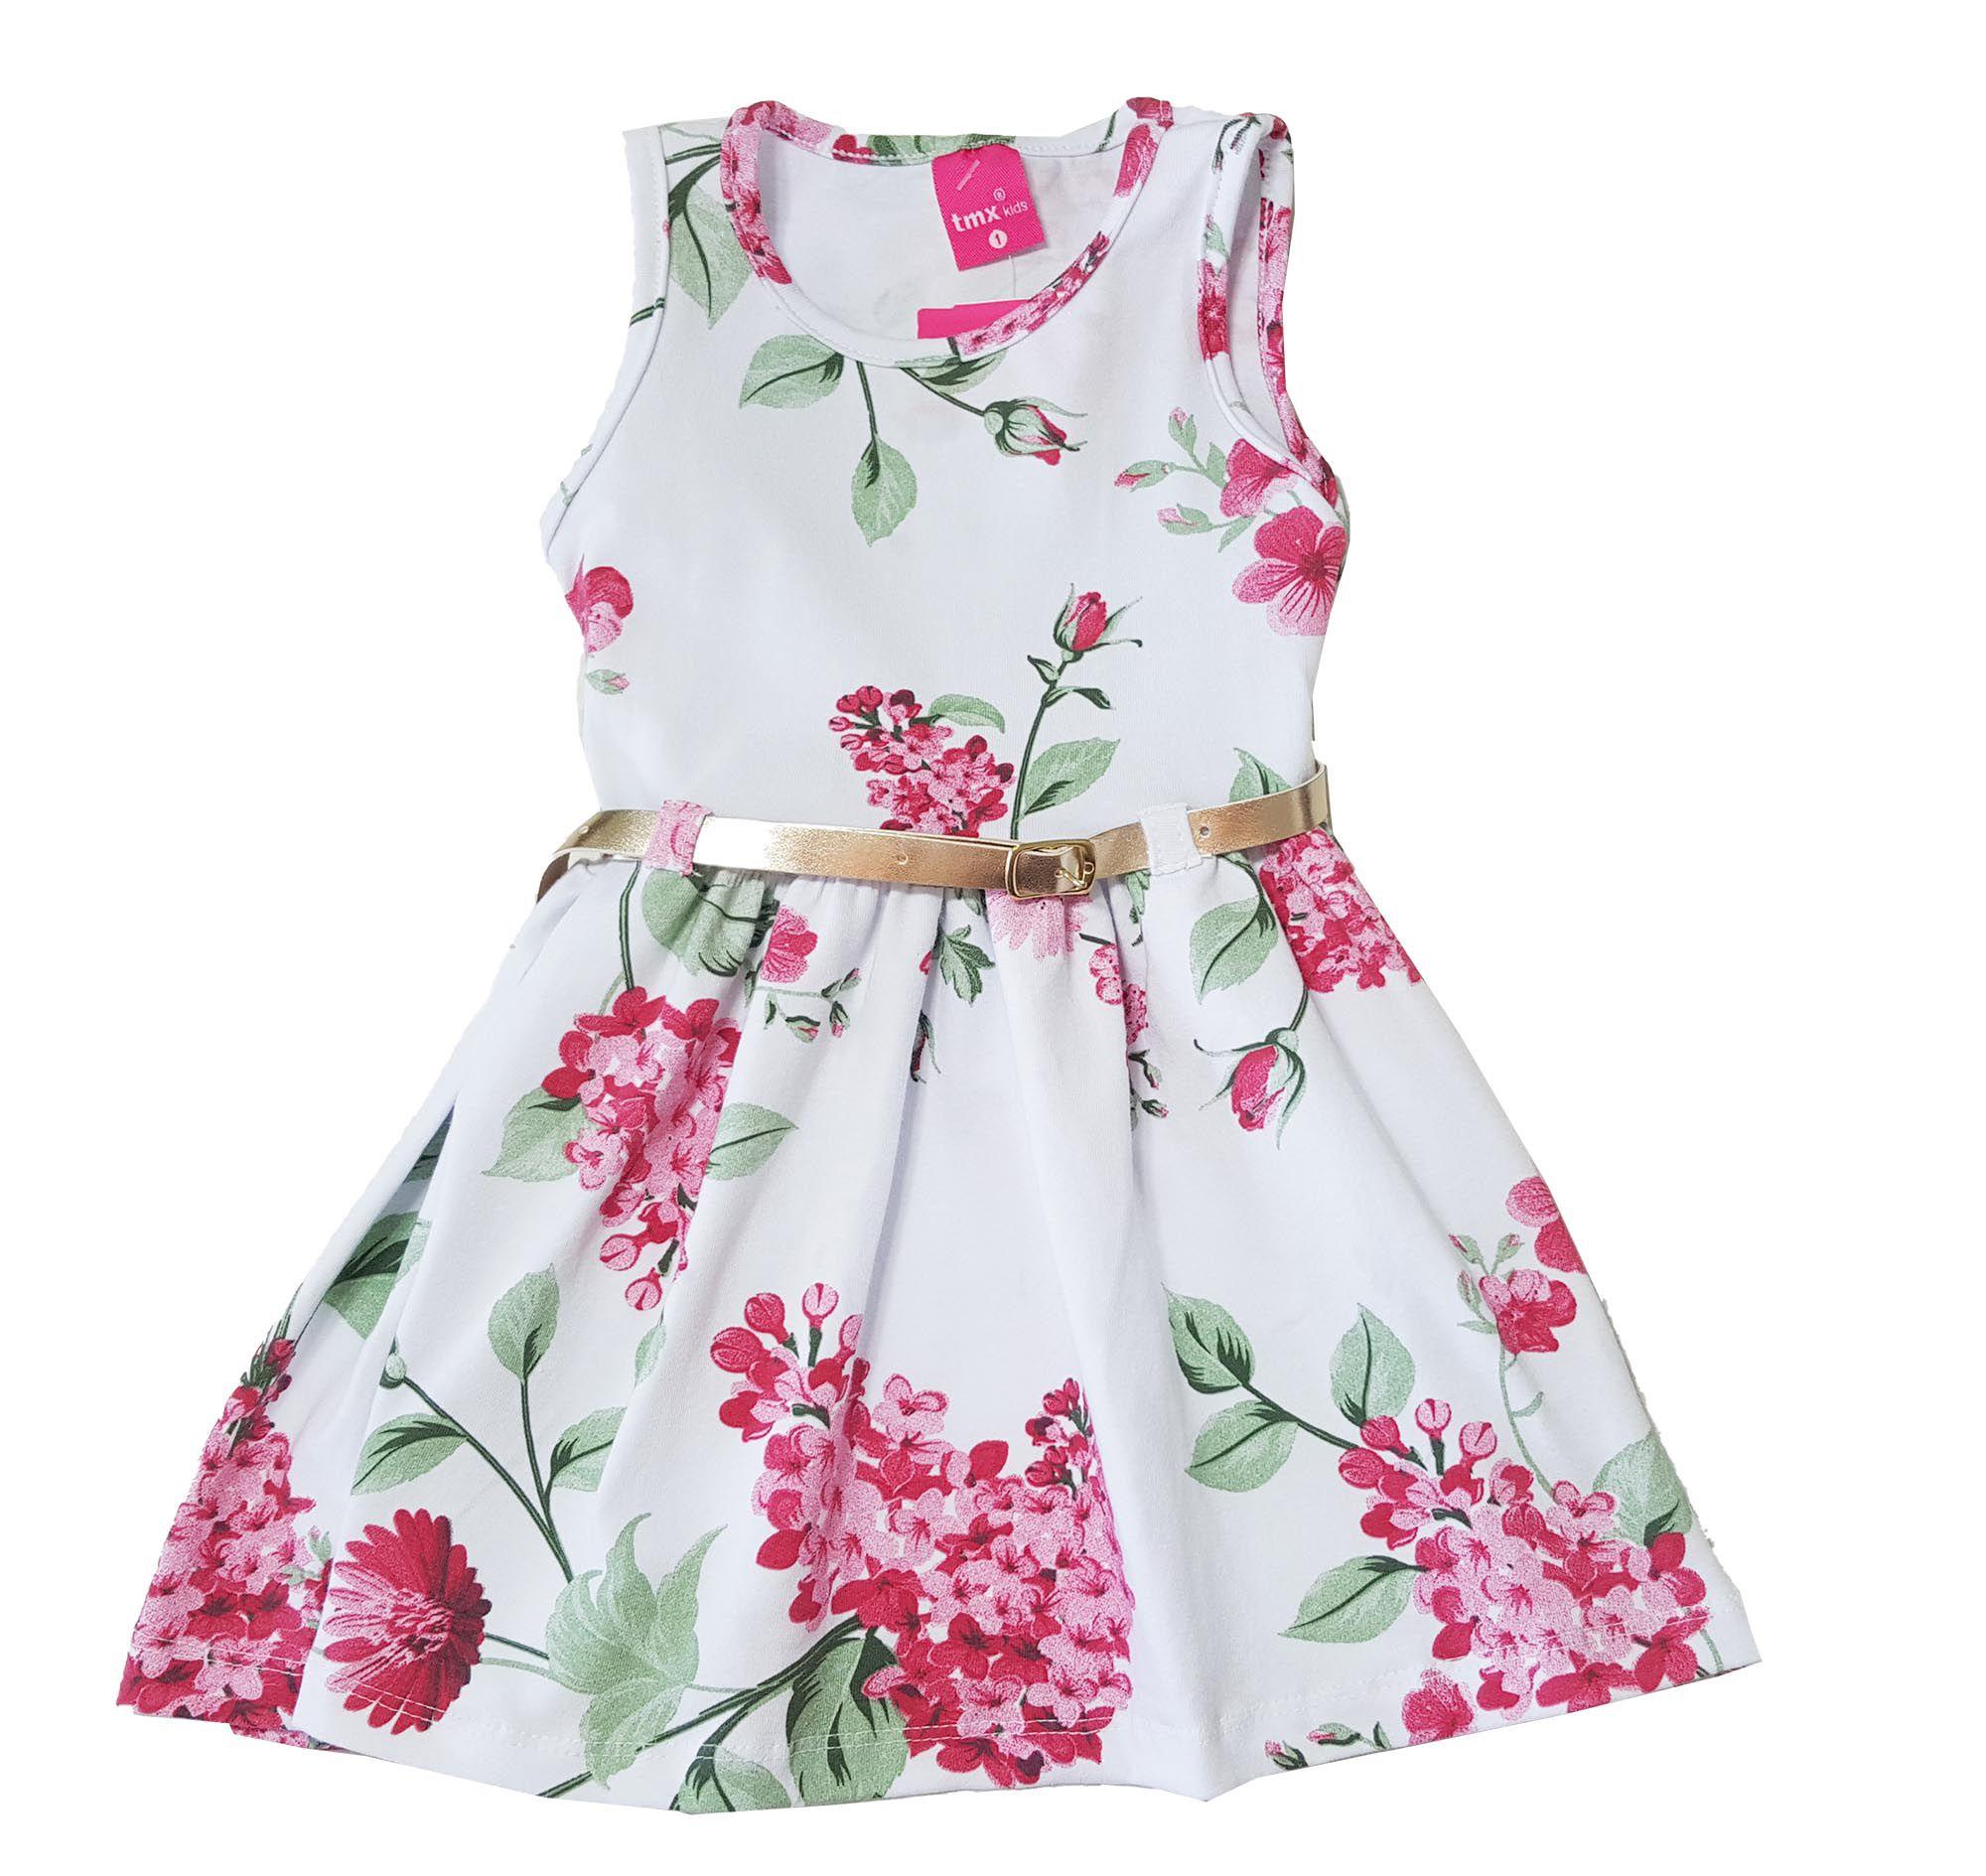 Vestido Primeiros Passos Cotton TMX  Floral Branco / Tamanho 1